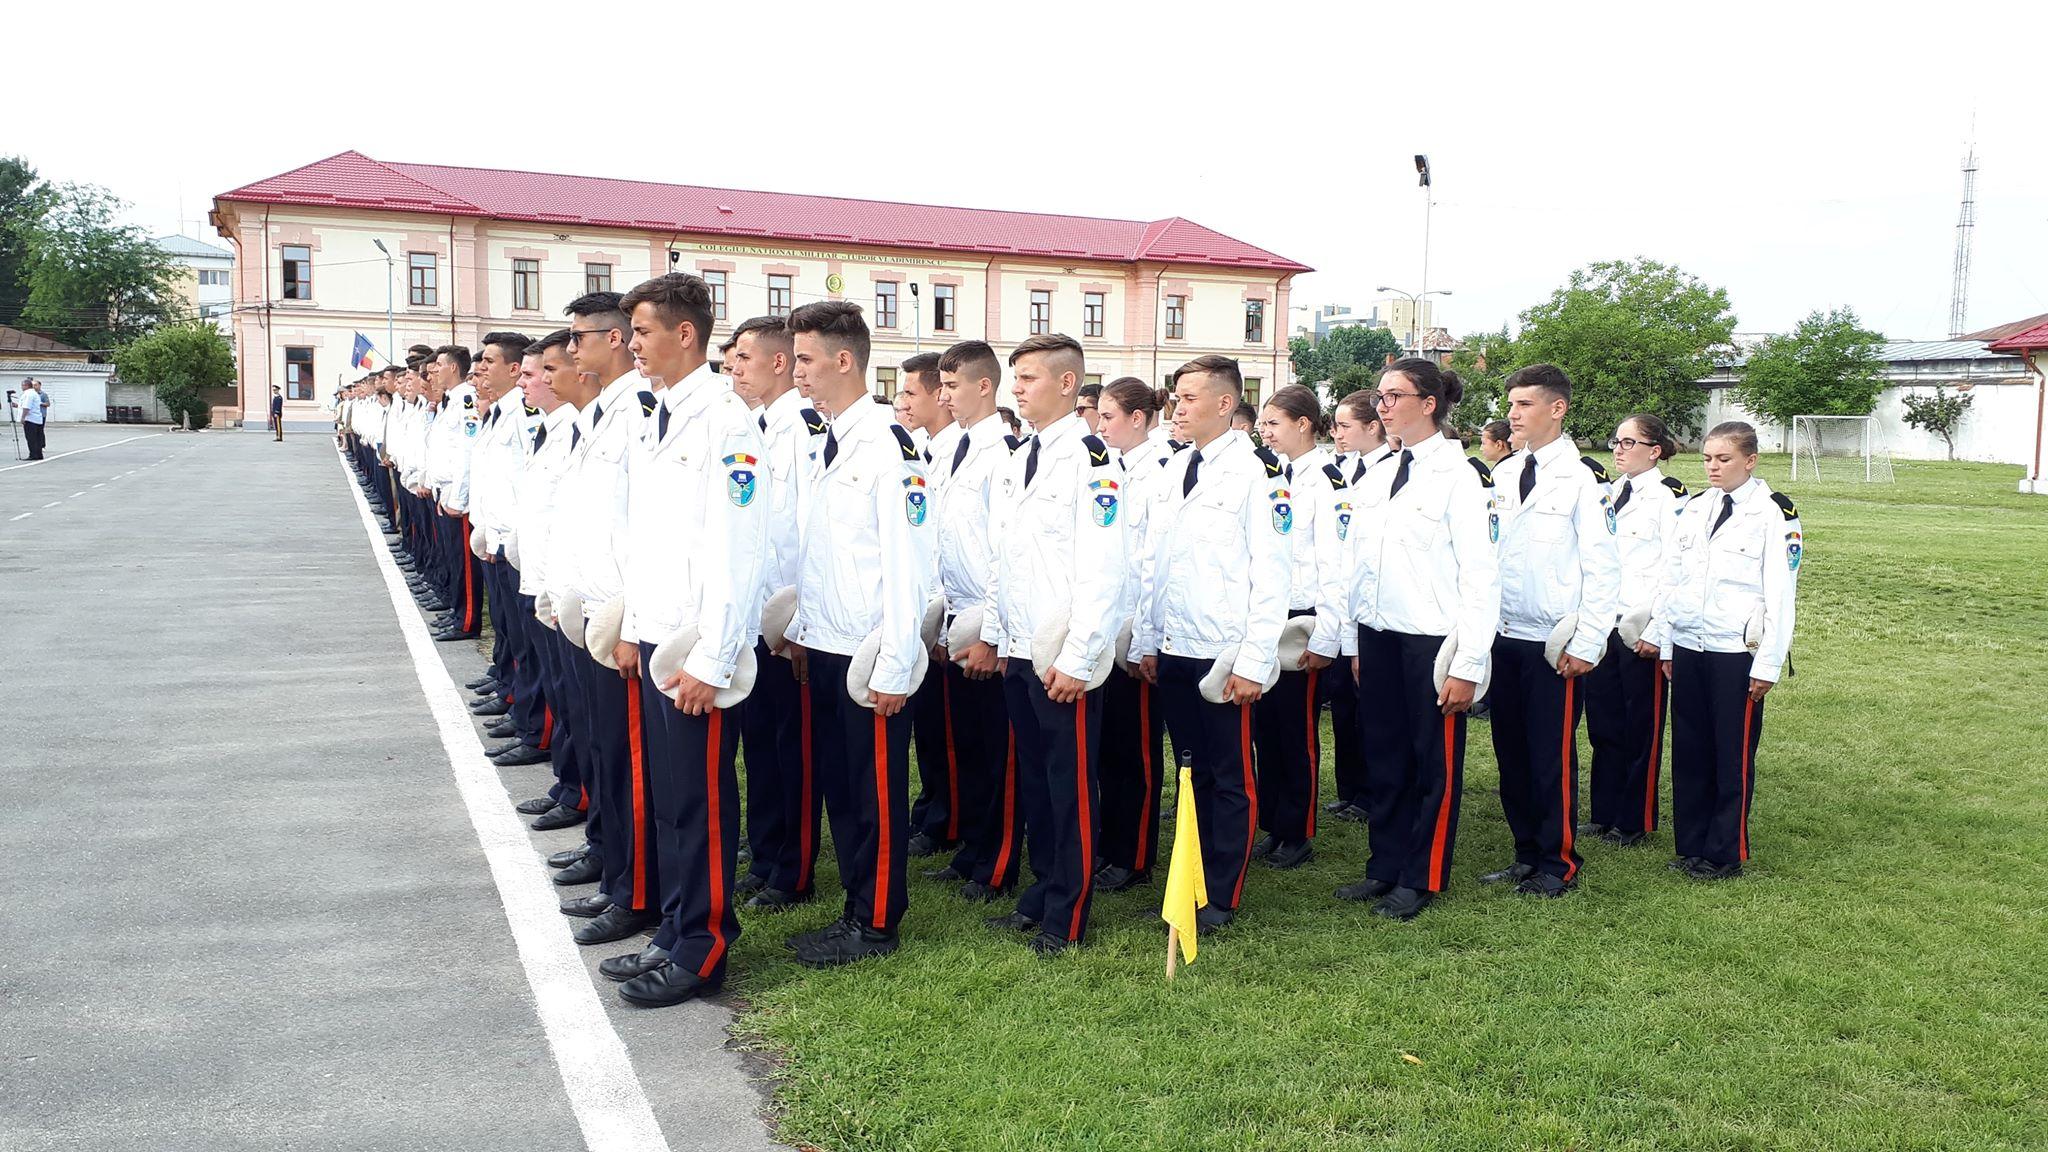 Festivitate de absolvire a primei promoții de absolvenți a Colegiului Militar din Craiova, după reînființare